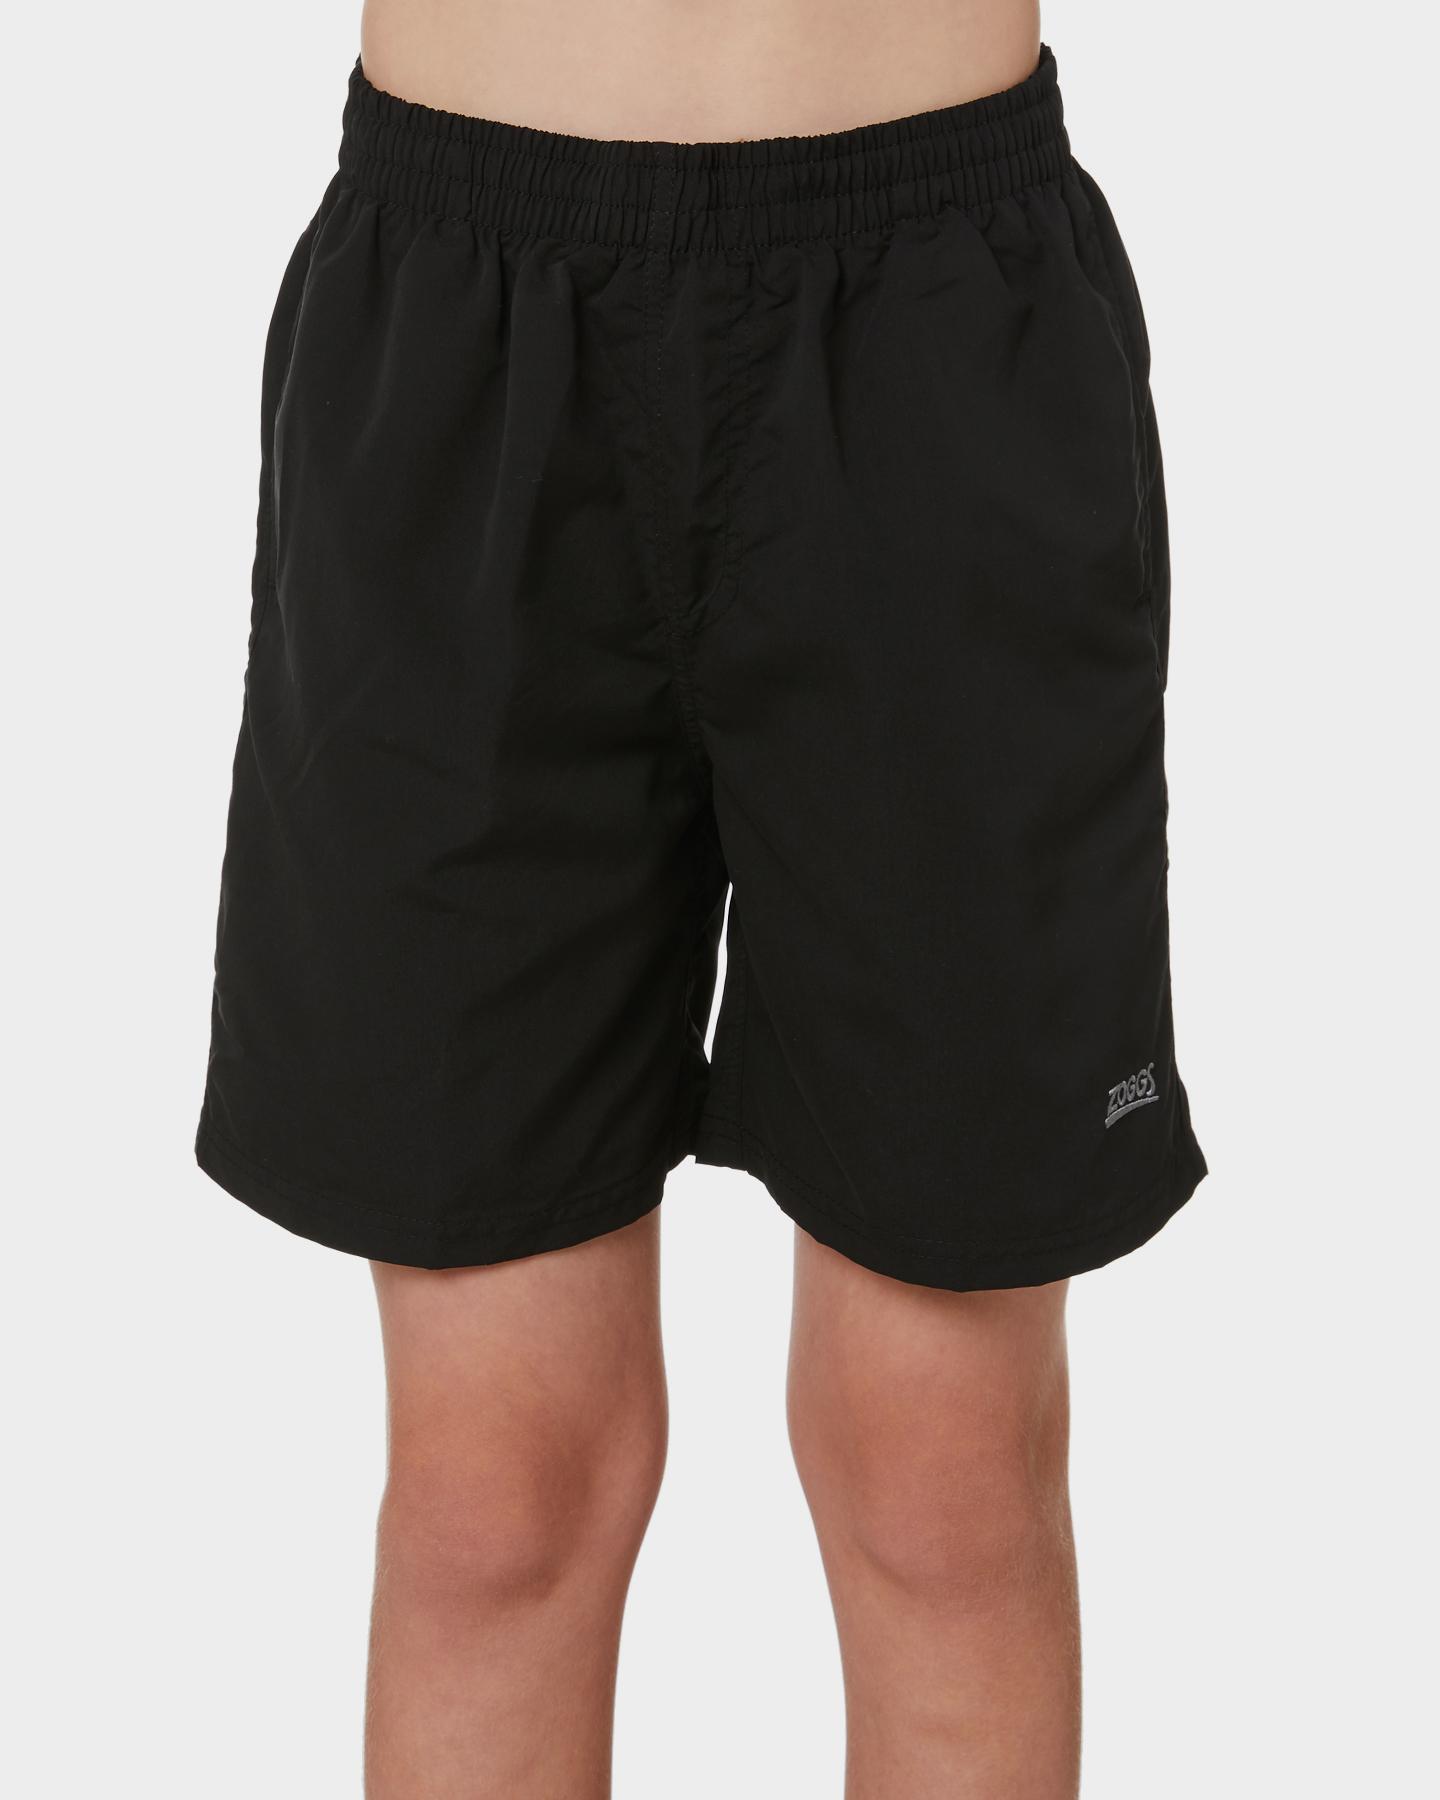 Zoggs Boys Penrith Beach Short - Teens Black